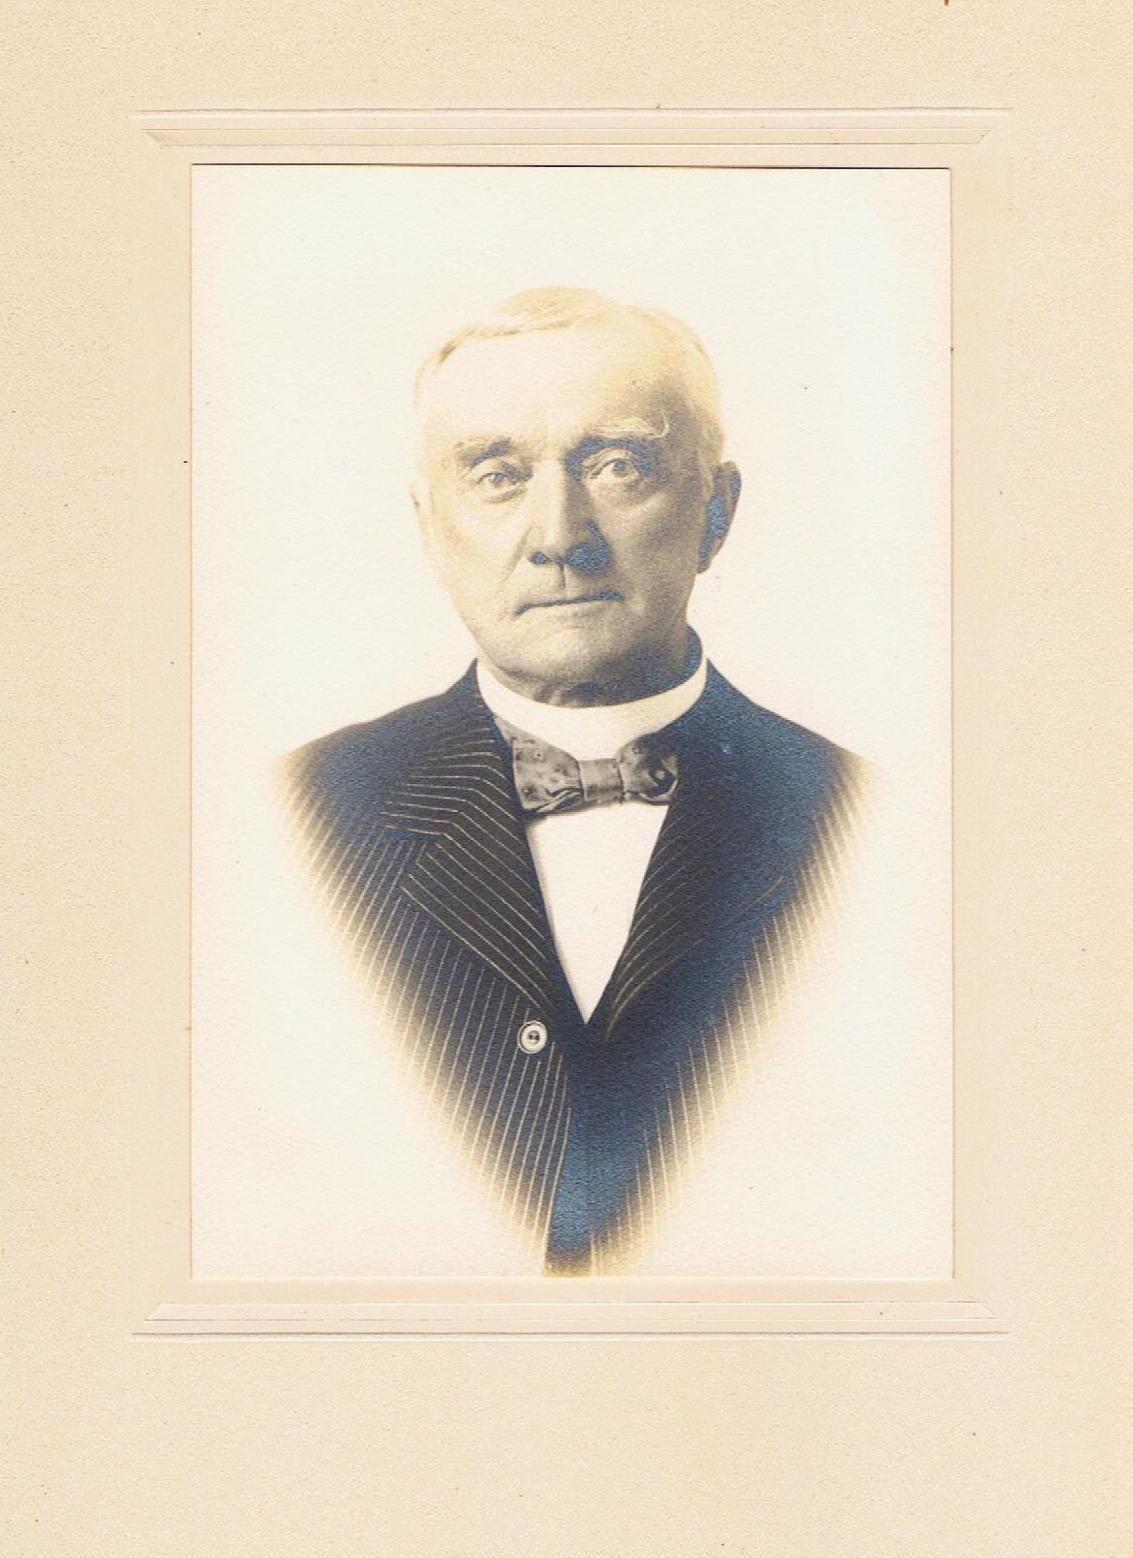 Coras cousin HW Putnam